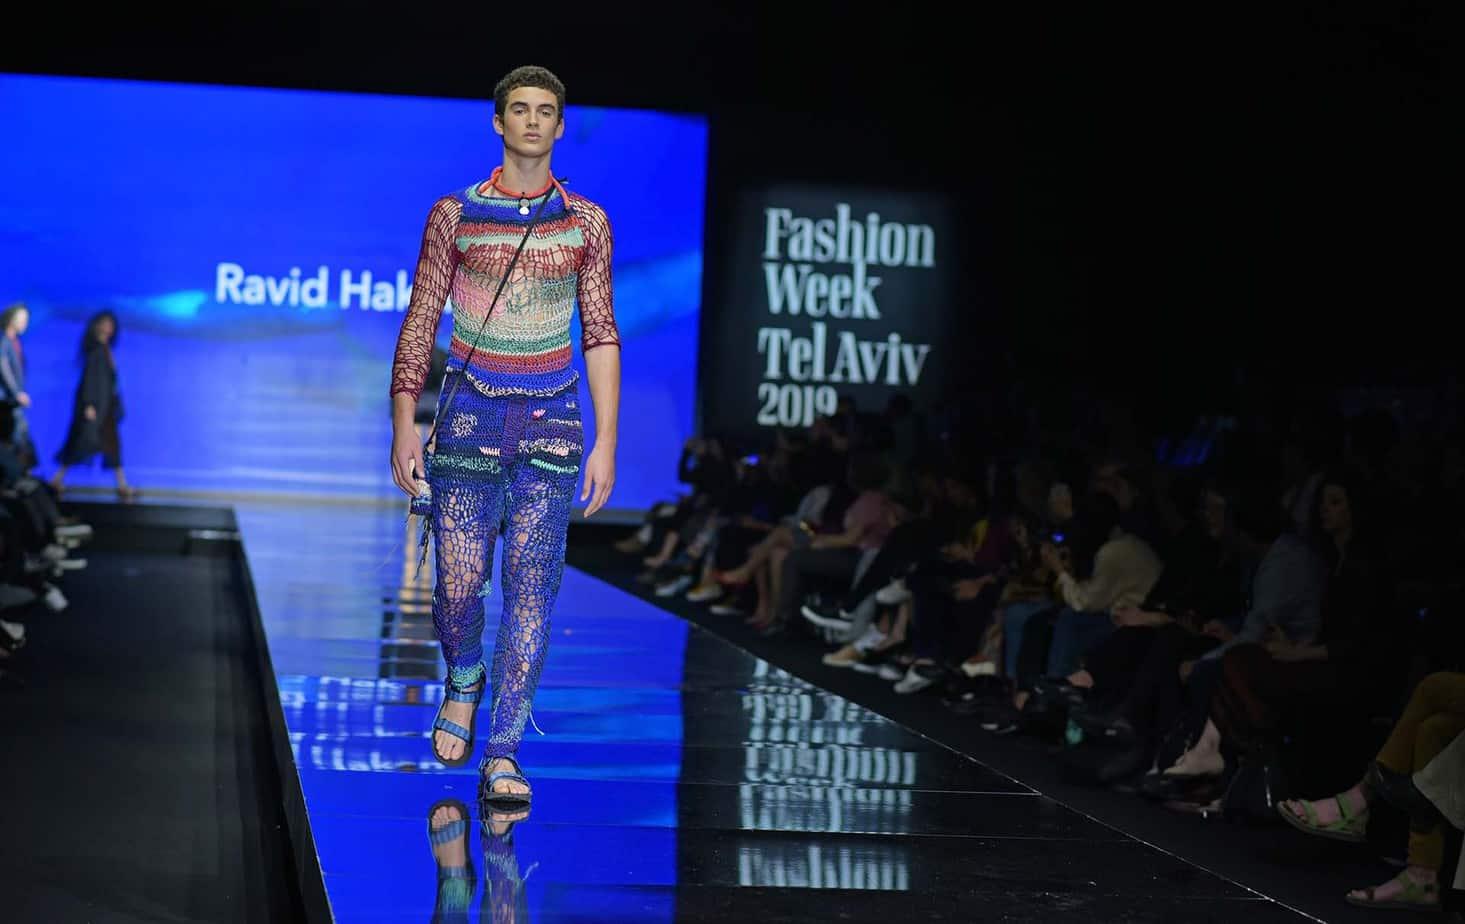 שורש. שבוע האופנה תל אביב 2019, צילום סרגו סטרודובצב - 13